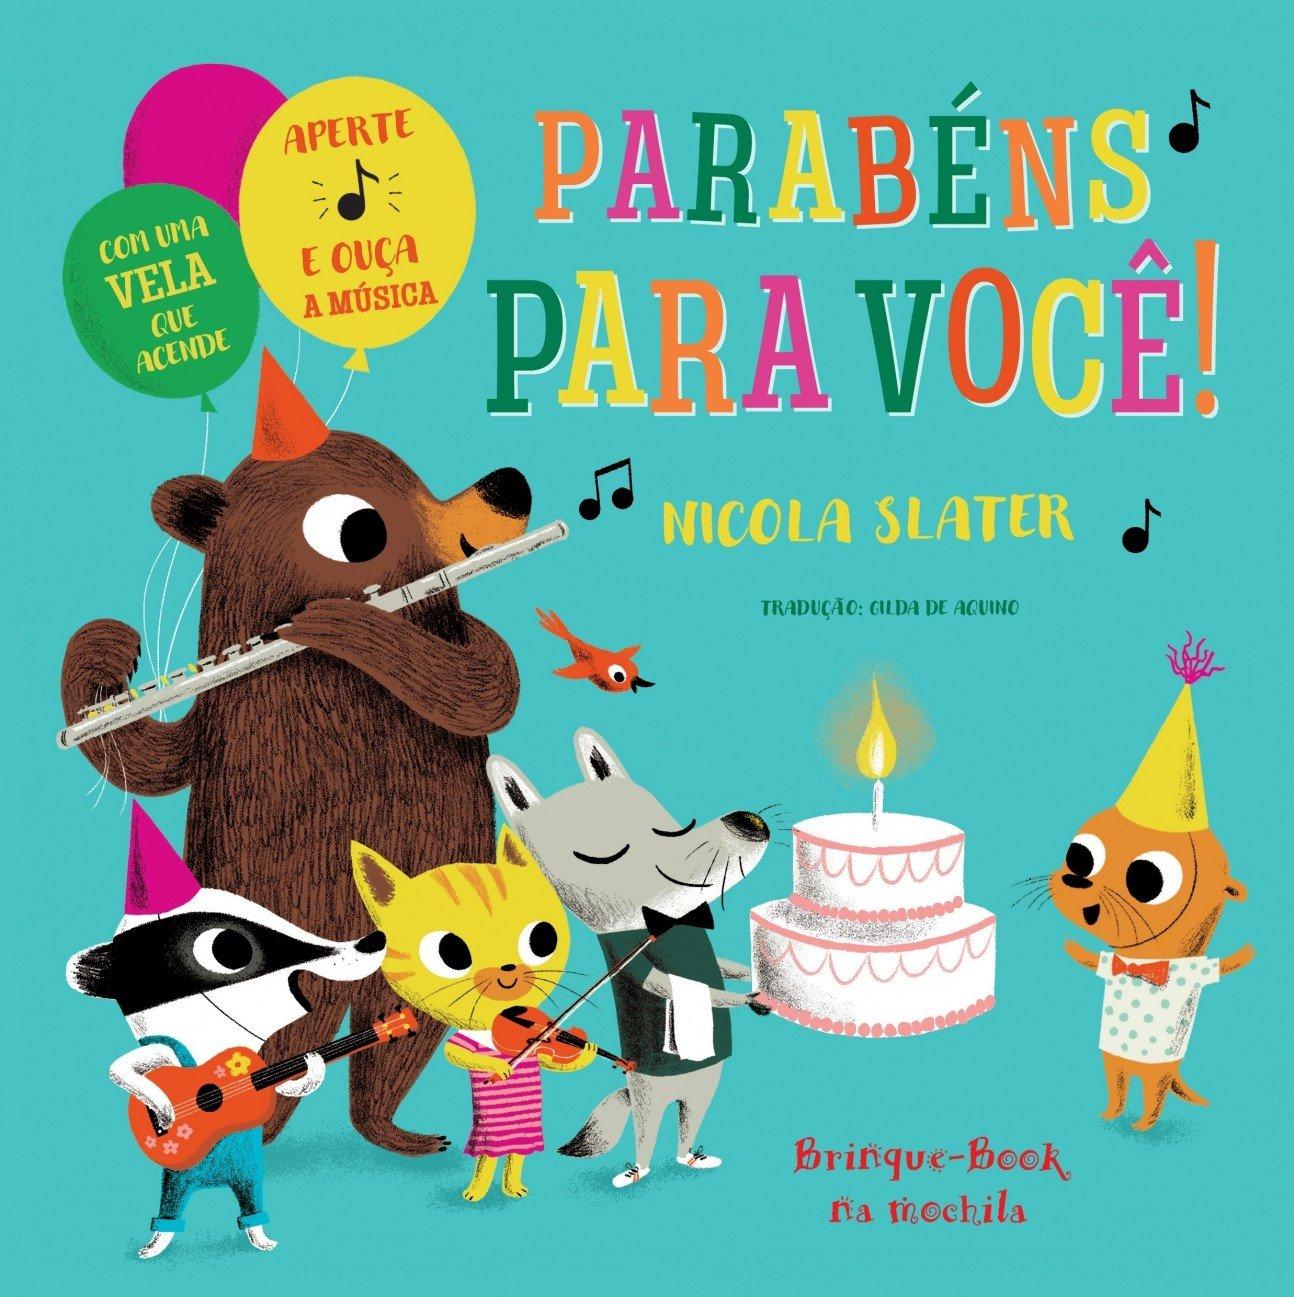 Parabens Para Voce Aperte e Ouça a Musica (Em Portugues do Brasil): Nicola Slater: 9788574125596: Amazon.com: Books